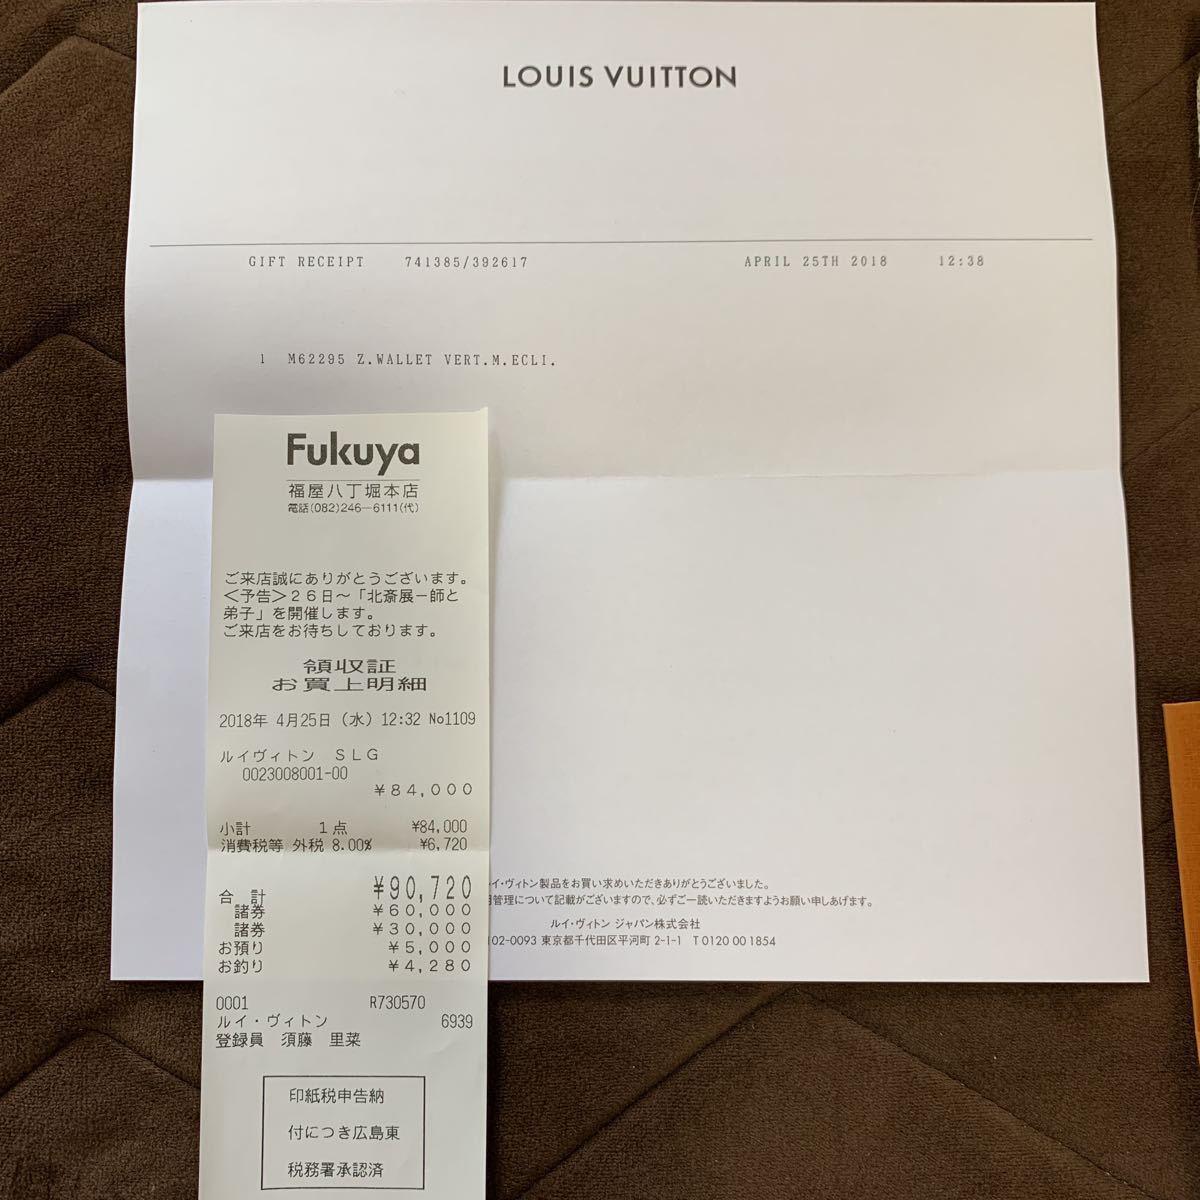 【超美品】LOUIS VUITTON ルイヴィトン ジッピーウォレット ヴェルティカル M62295 エクリプス_画像3